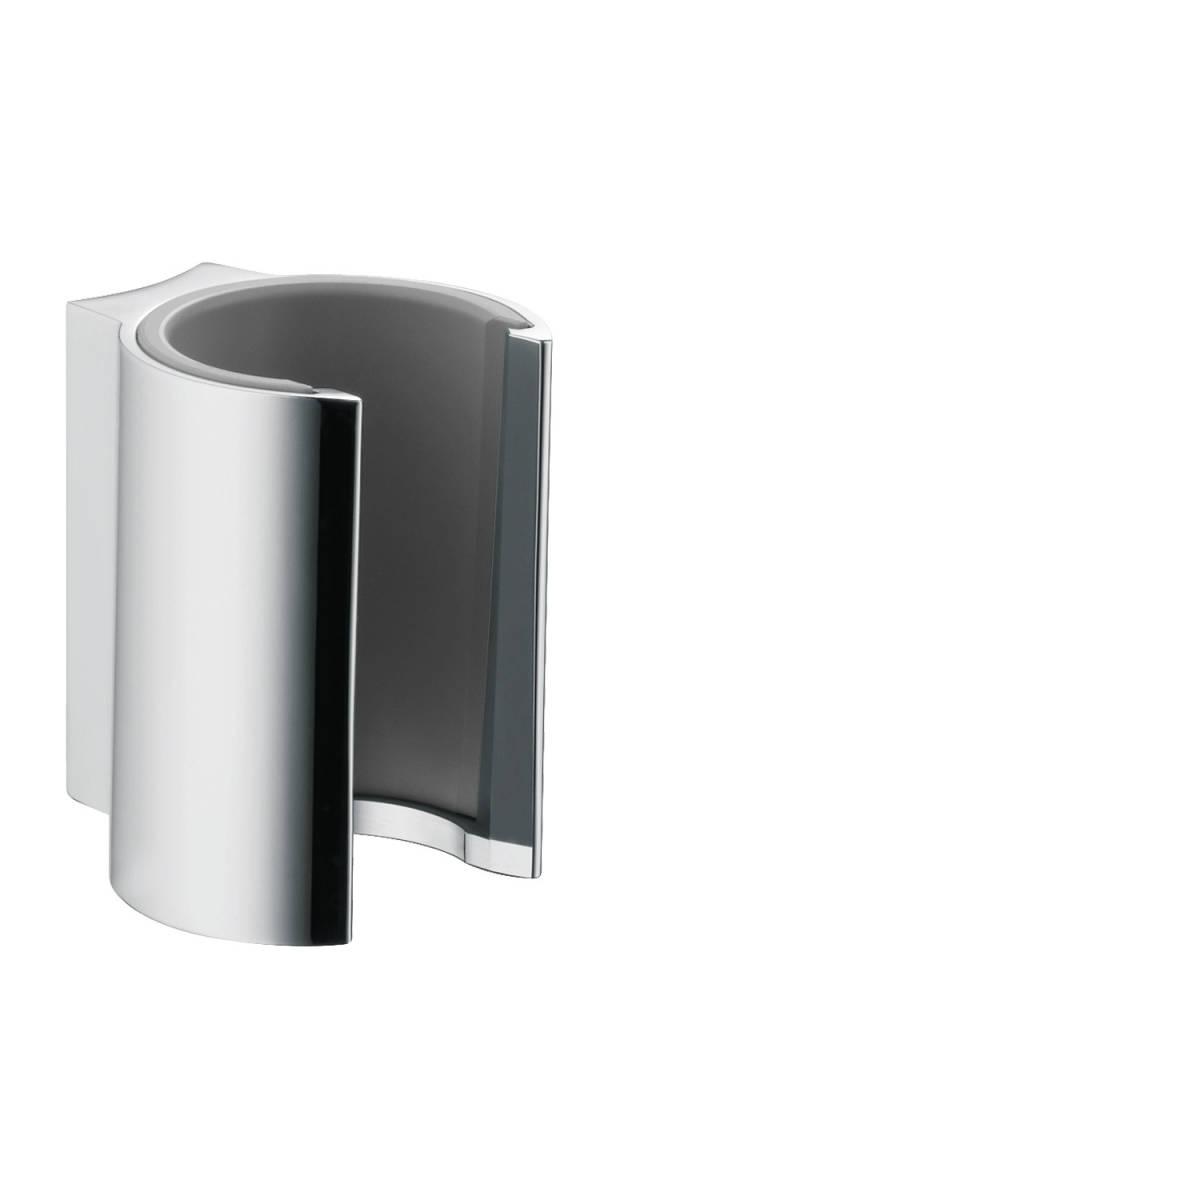 Shower holder, Chrome, 27515000